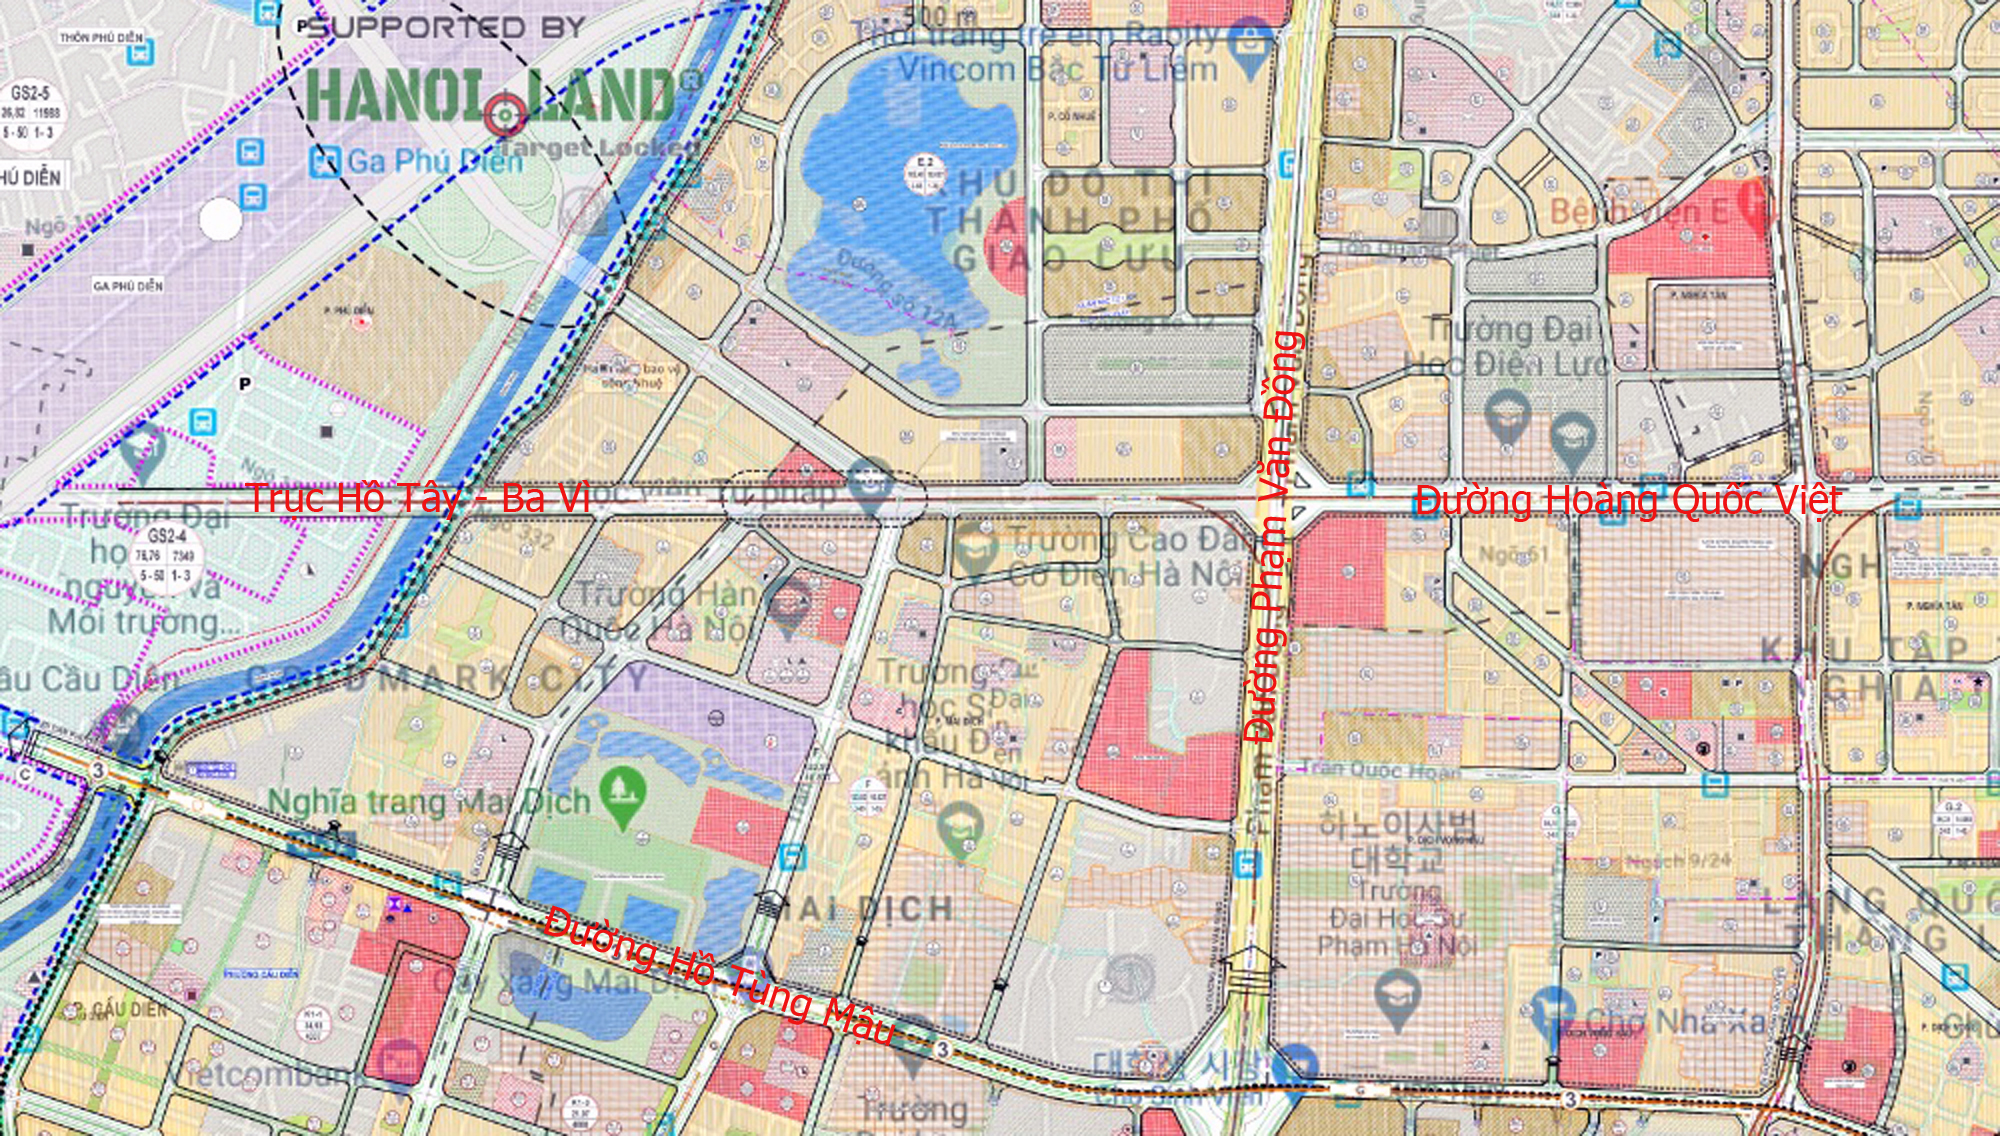 Đường sẽ mở theo qui hoạch ở Hà Nội: Toàn cảnh trục Hồ Tây - Ba Vì đến Vành đai 4 - Ảnh 10.